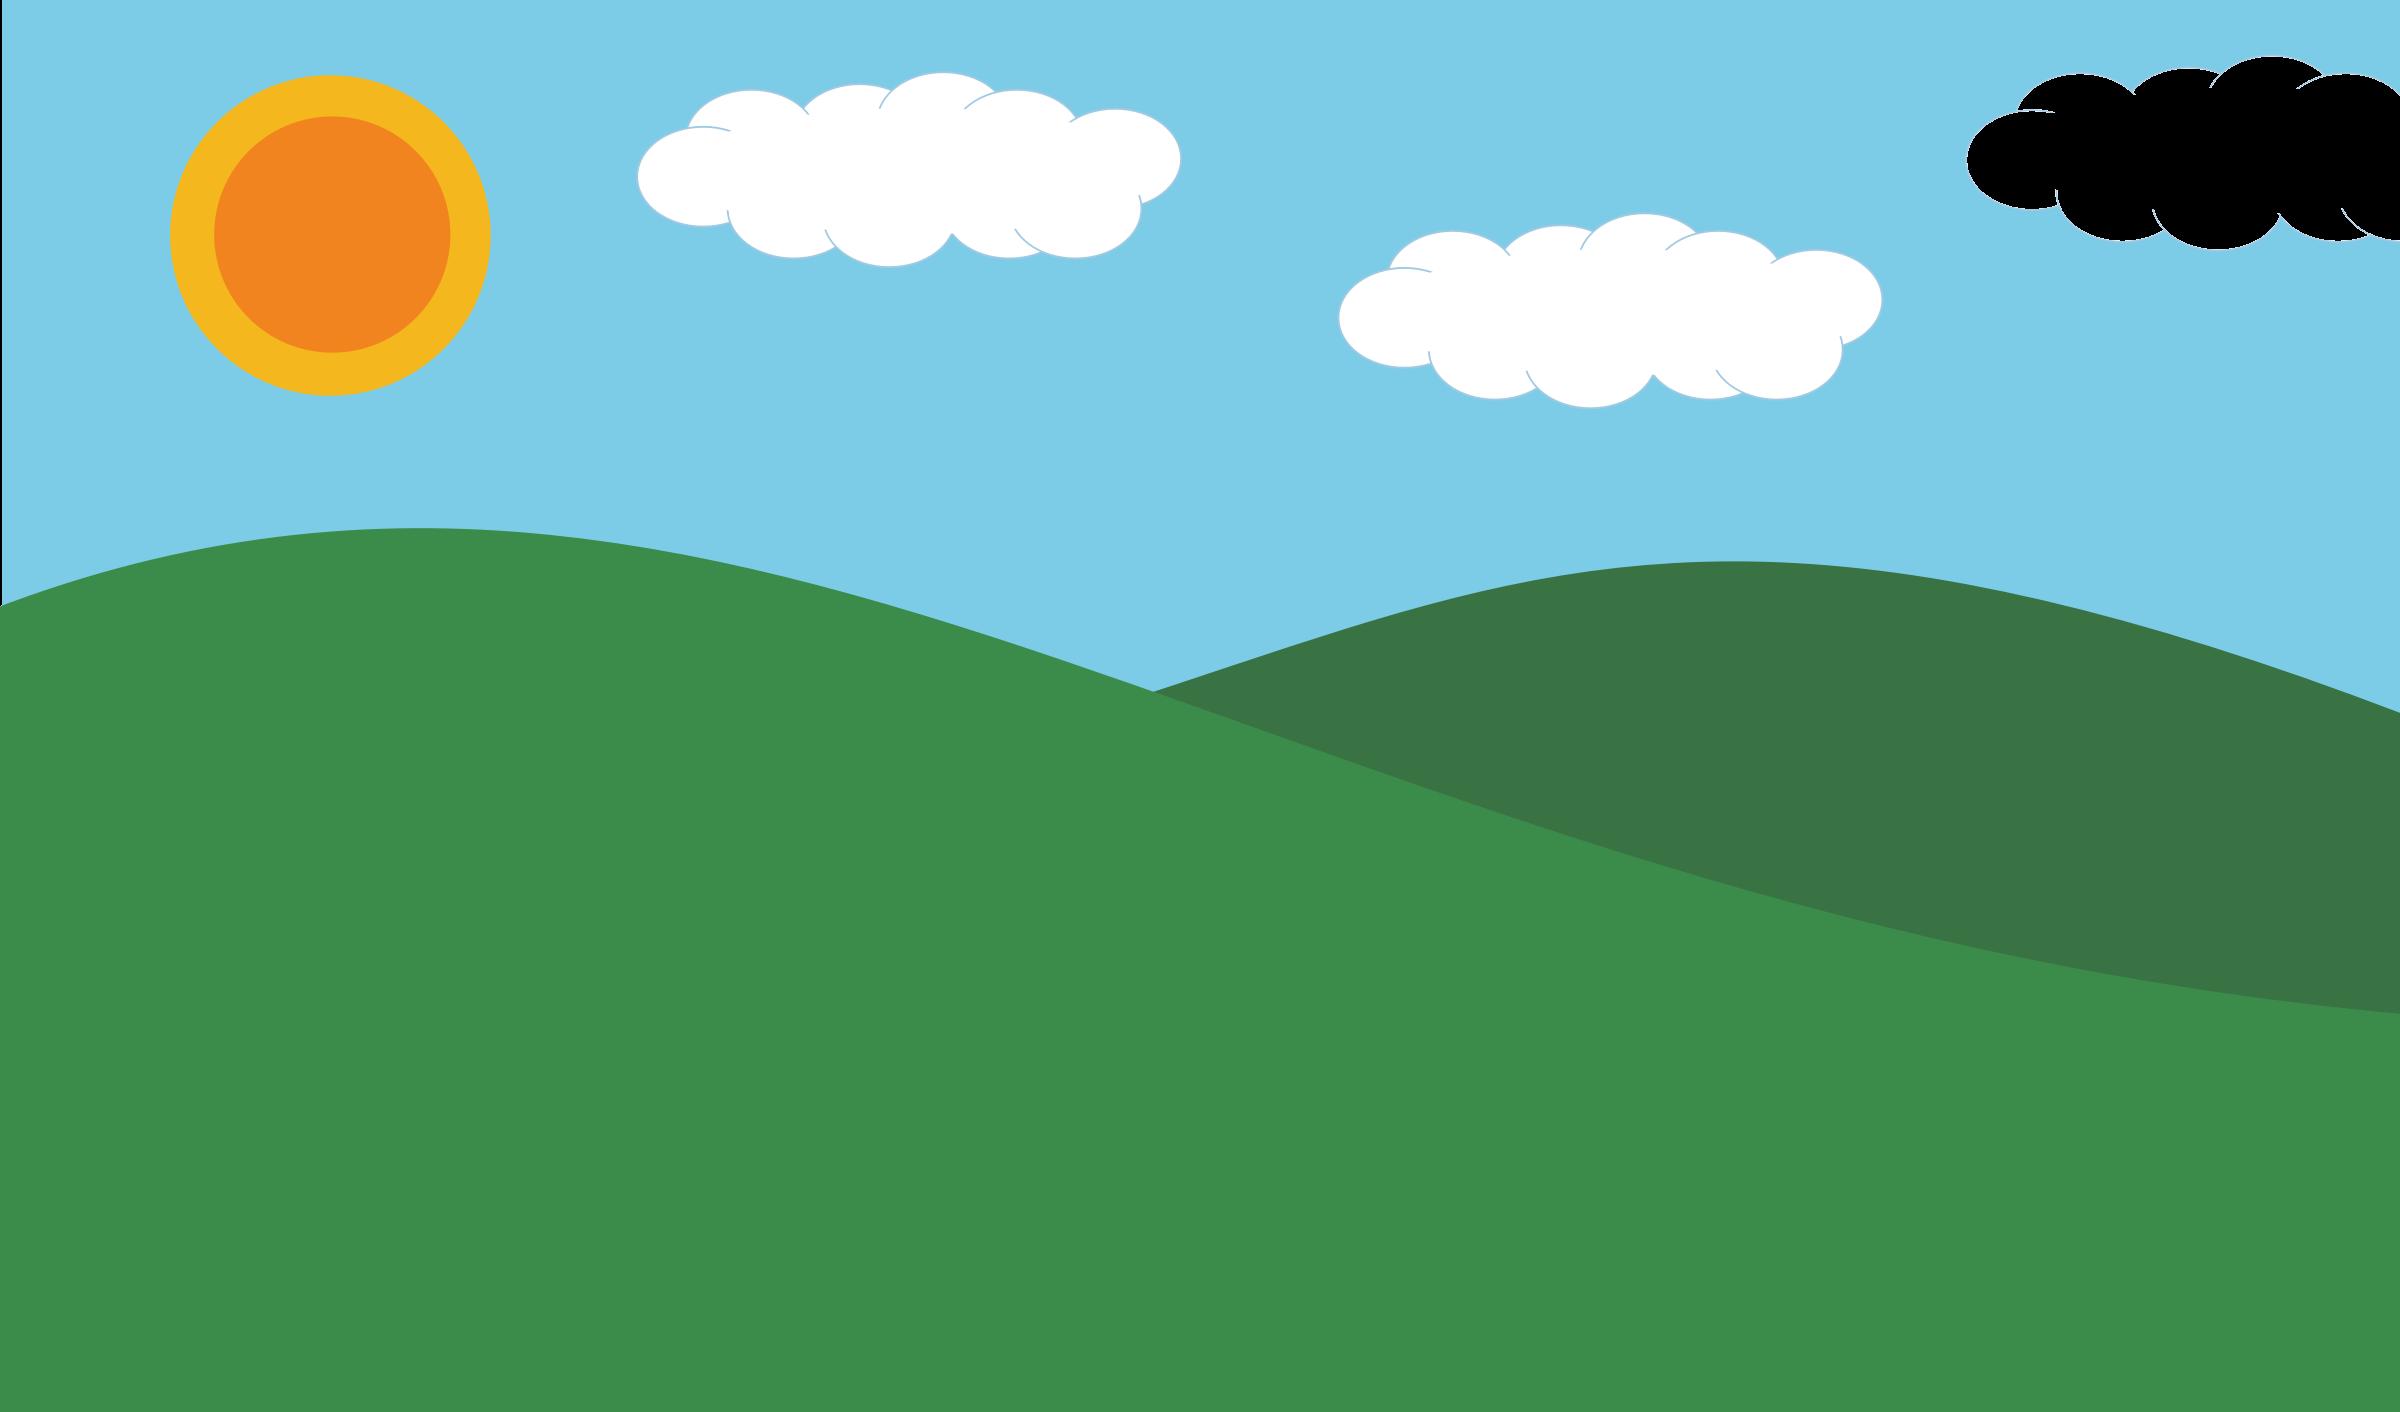 Hill free cartoon cliparts. Hills clipart